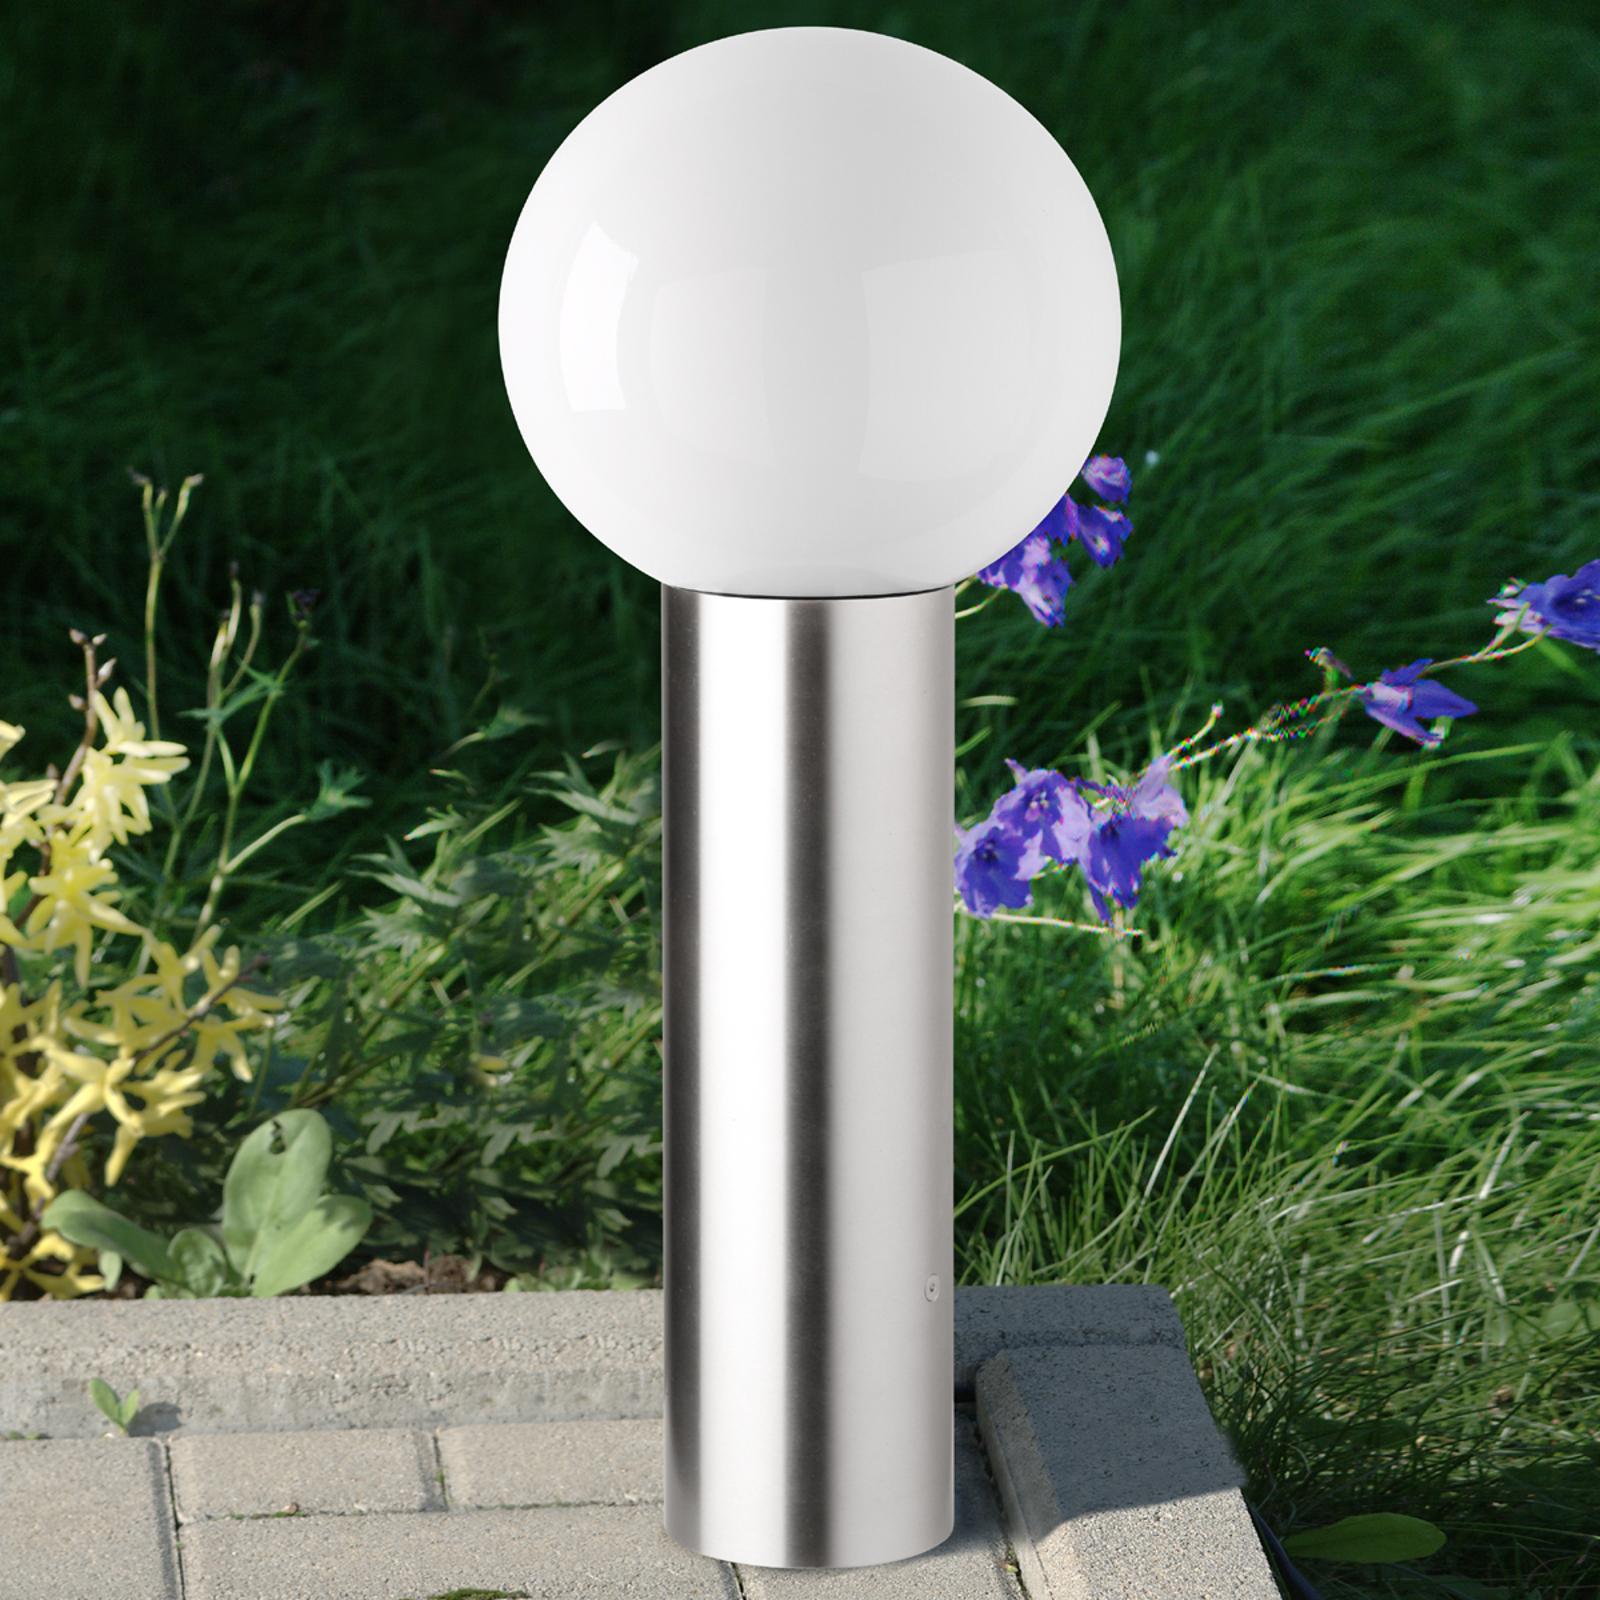 Kekoa decorative stainless steel pillar light_2011202_1